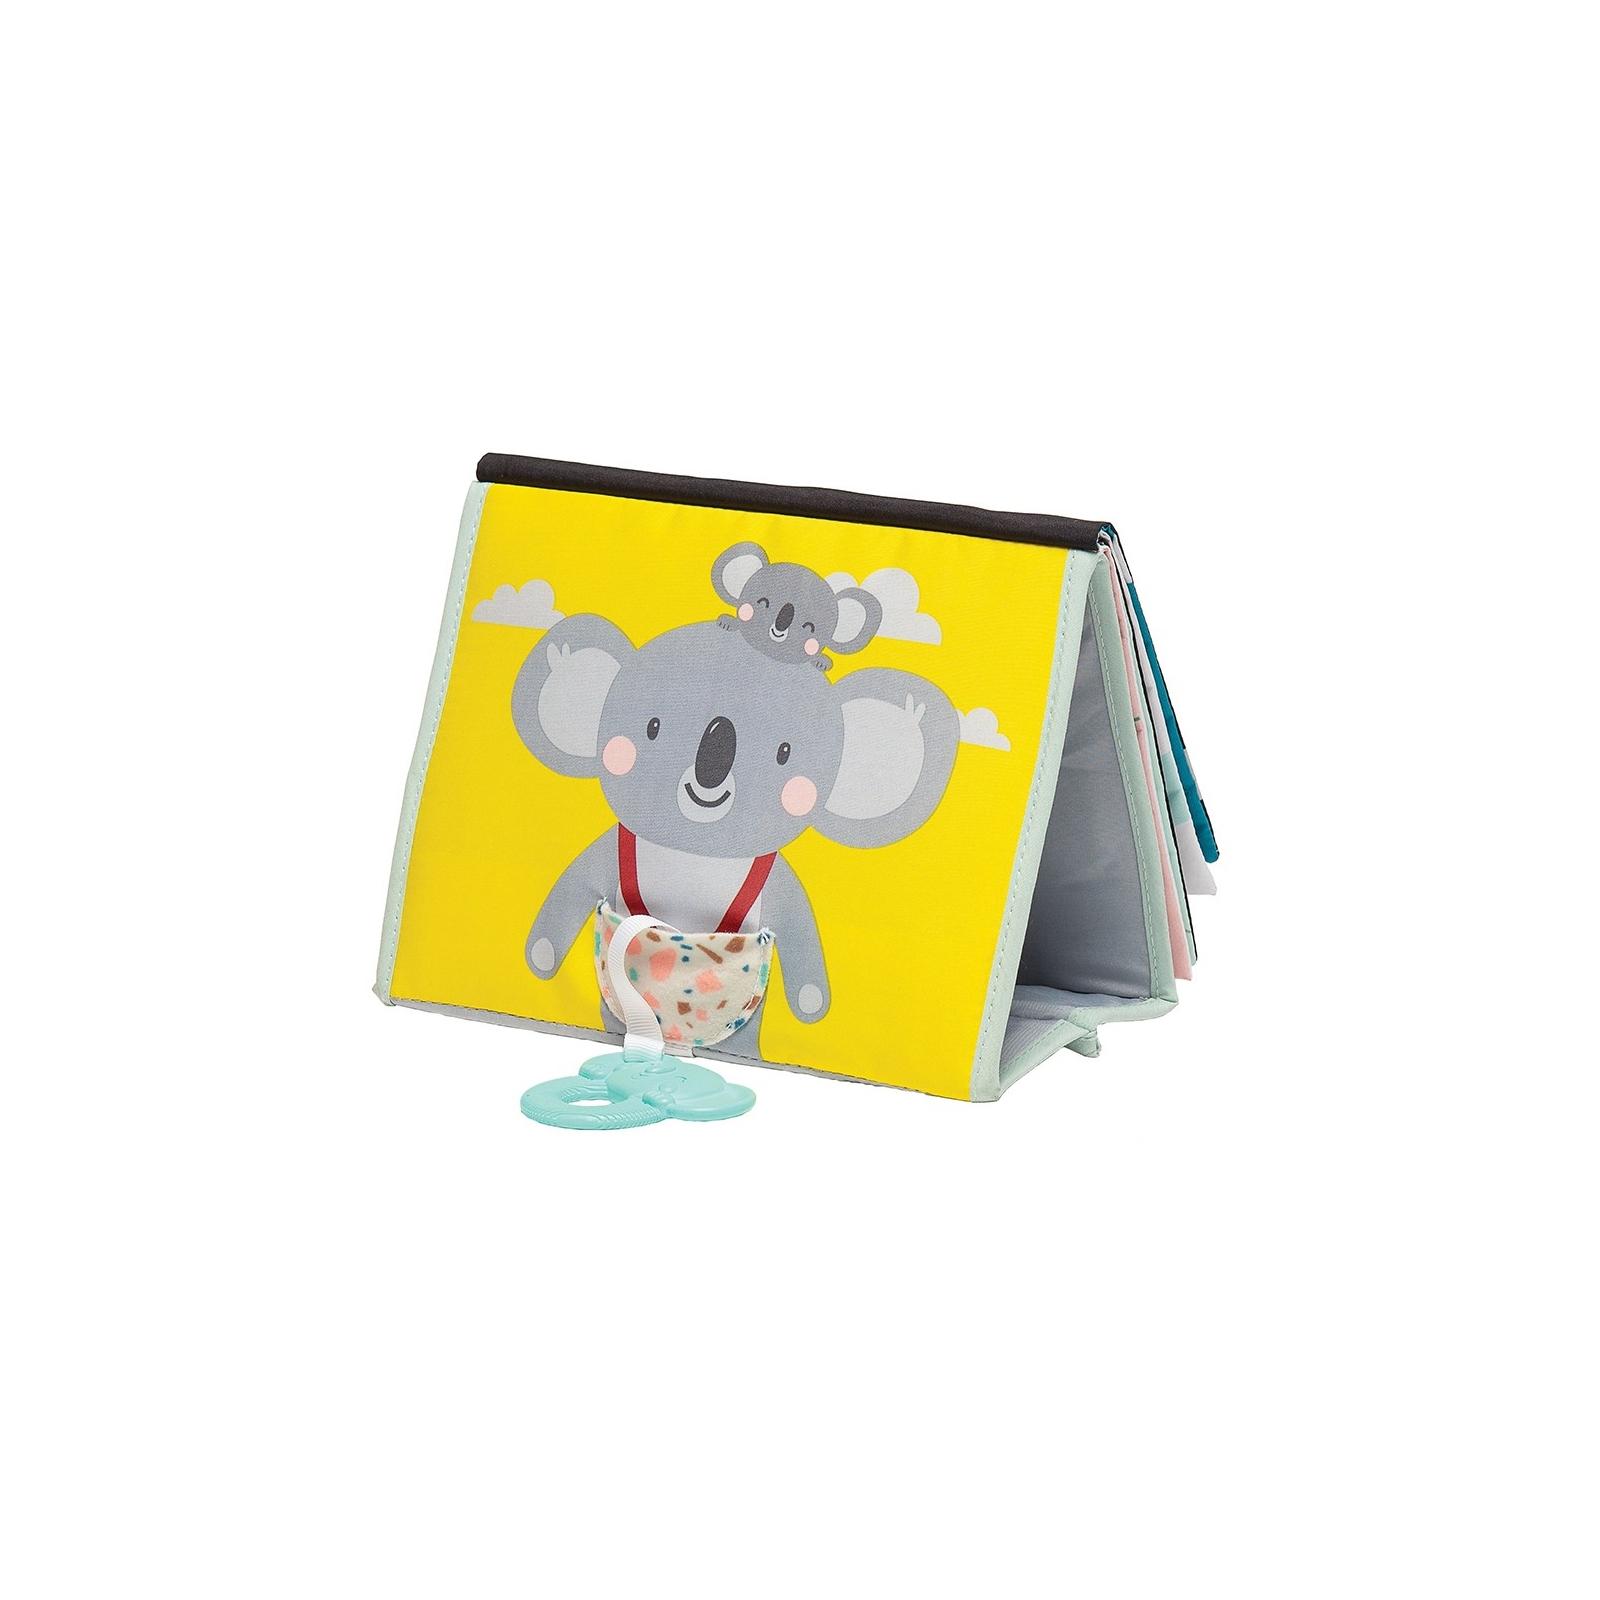 Развивающая игрушка Taf Toys перекидная книжка Мечтательные коалы (12395)